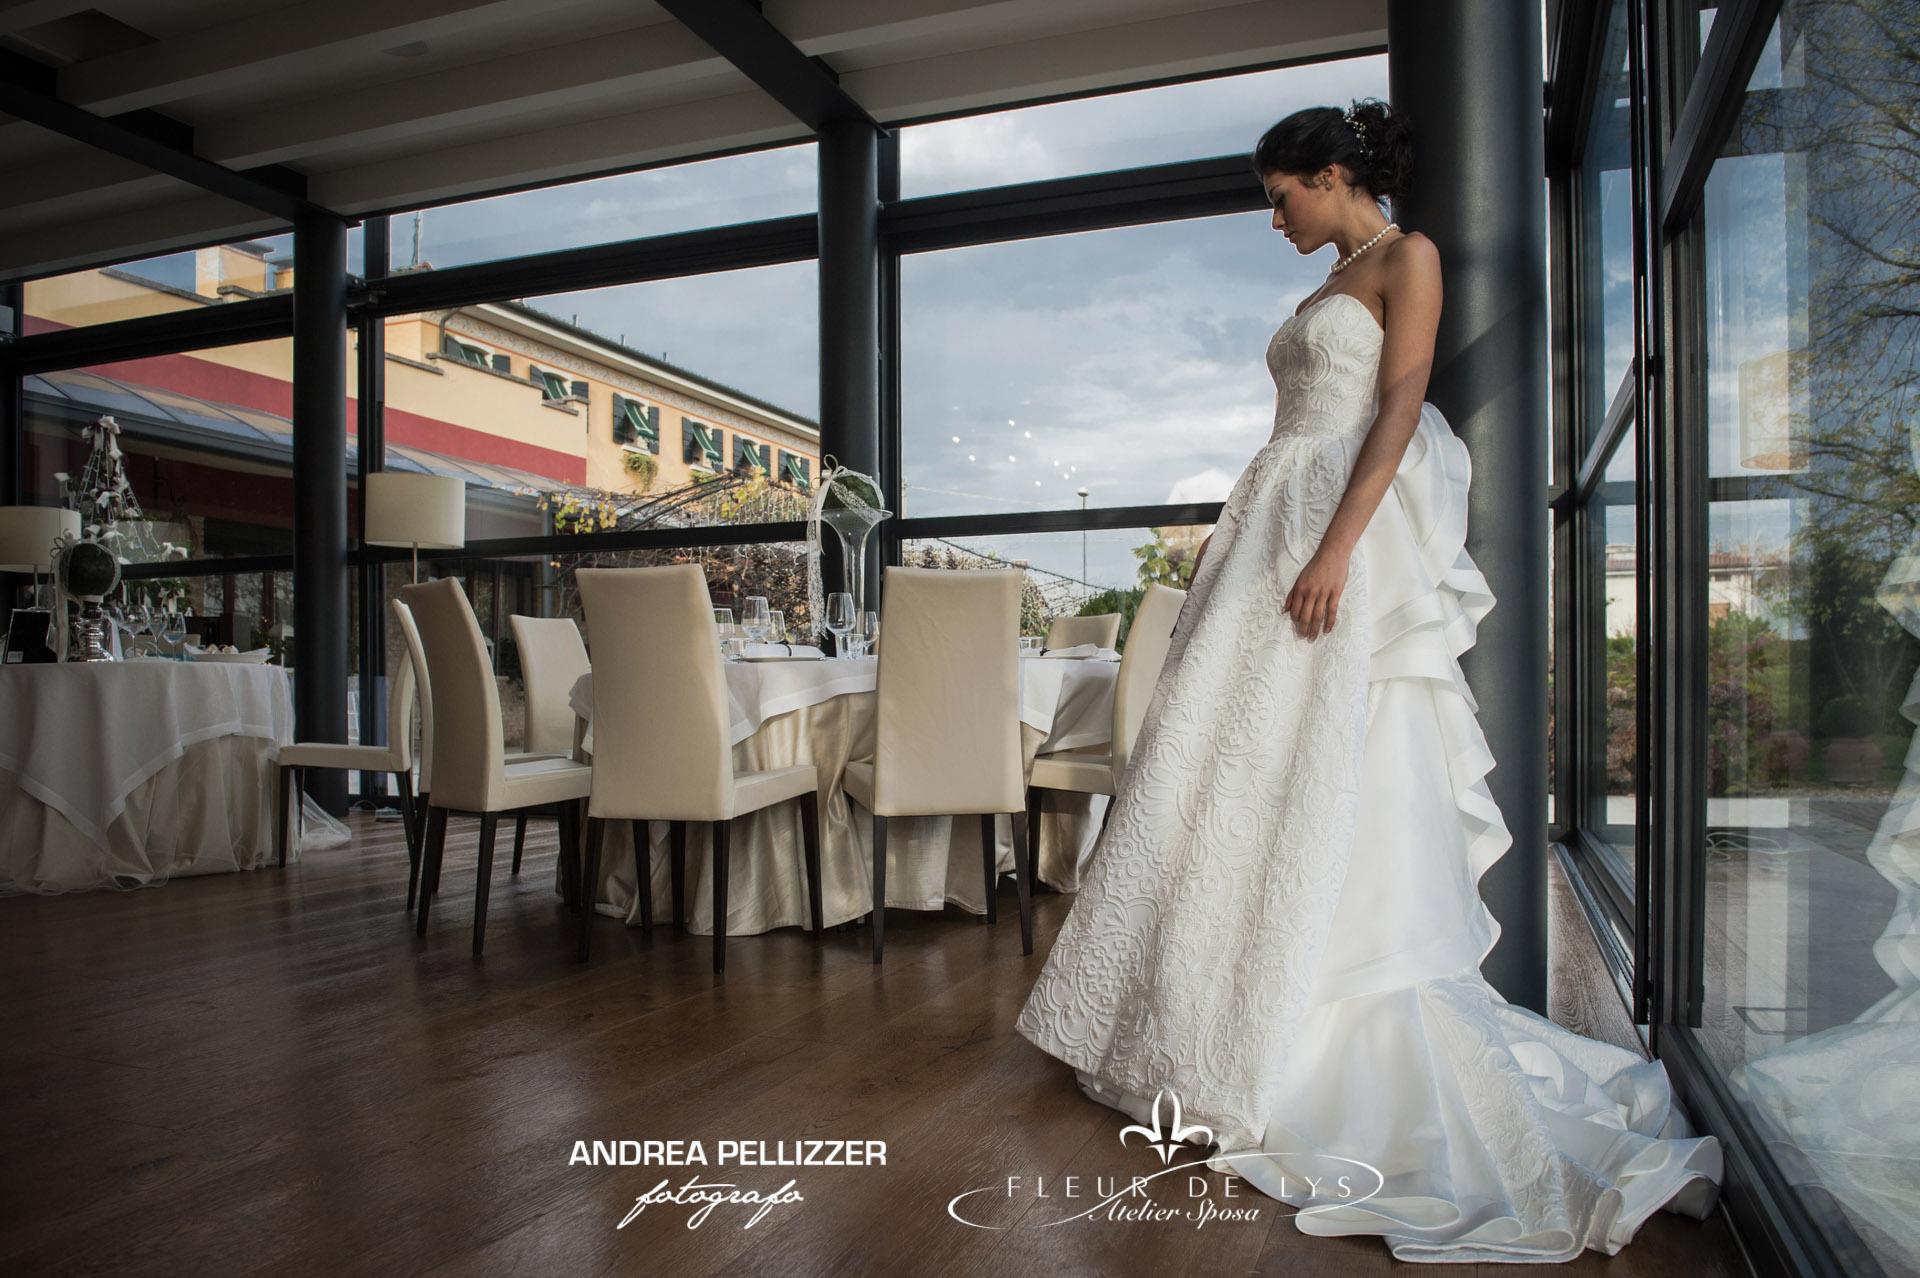 26-Atelier-Sposa-Fleur-De-Lys-Signoressa-di-Trevignano-Treviso